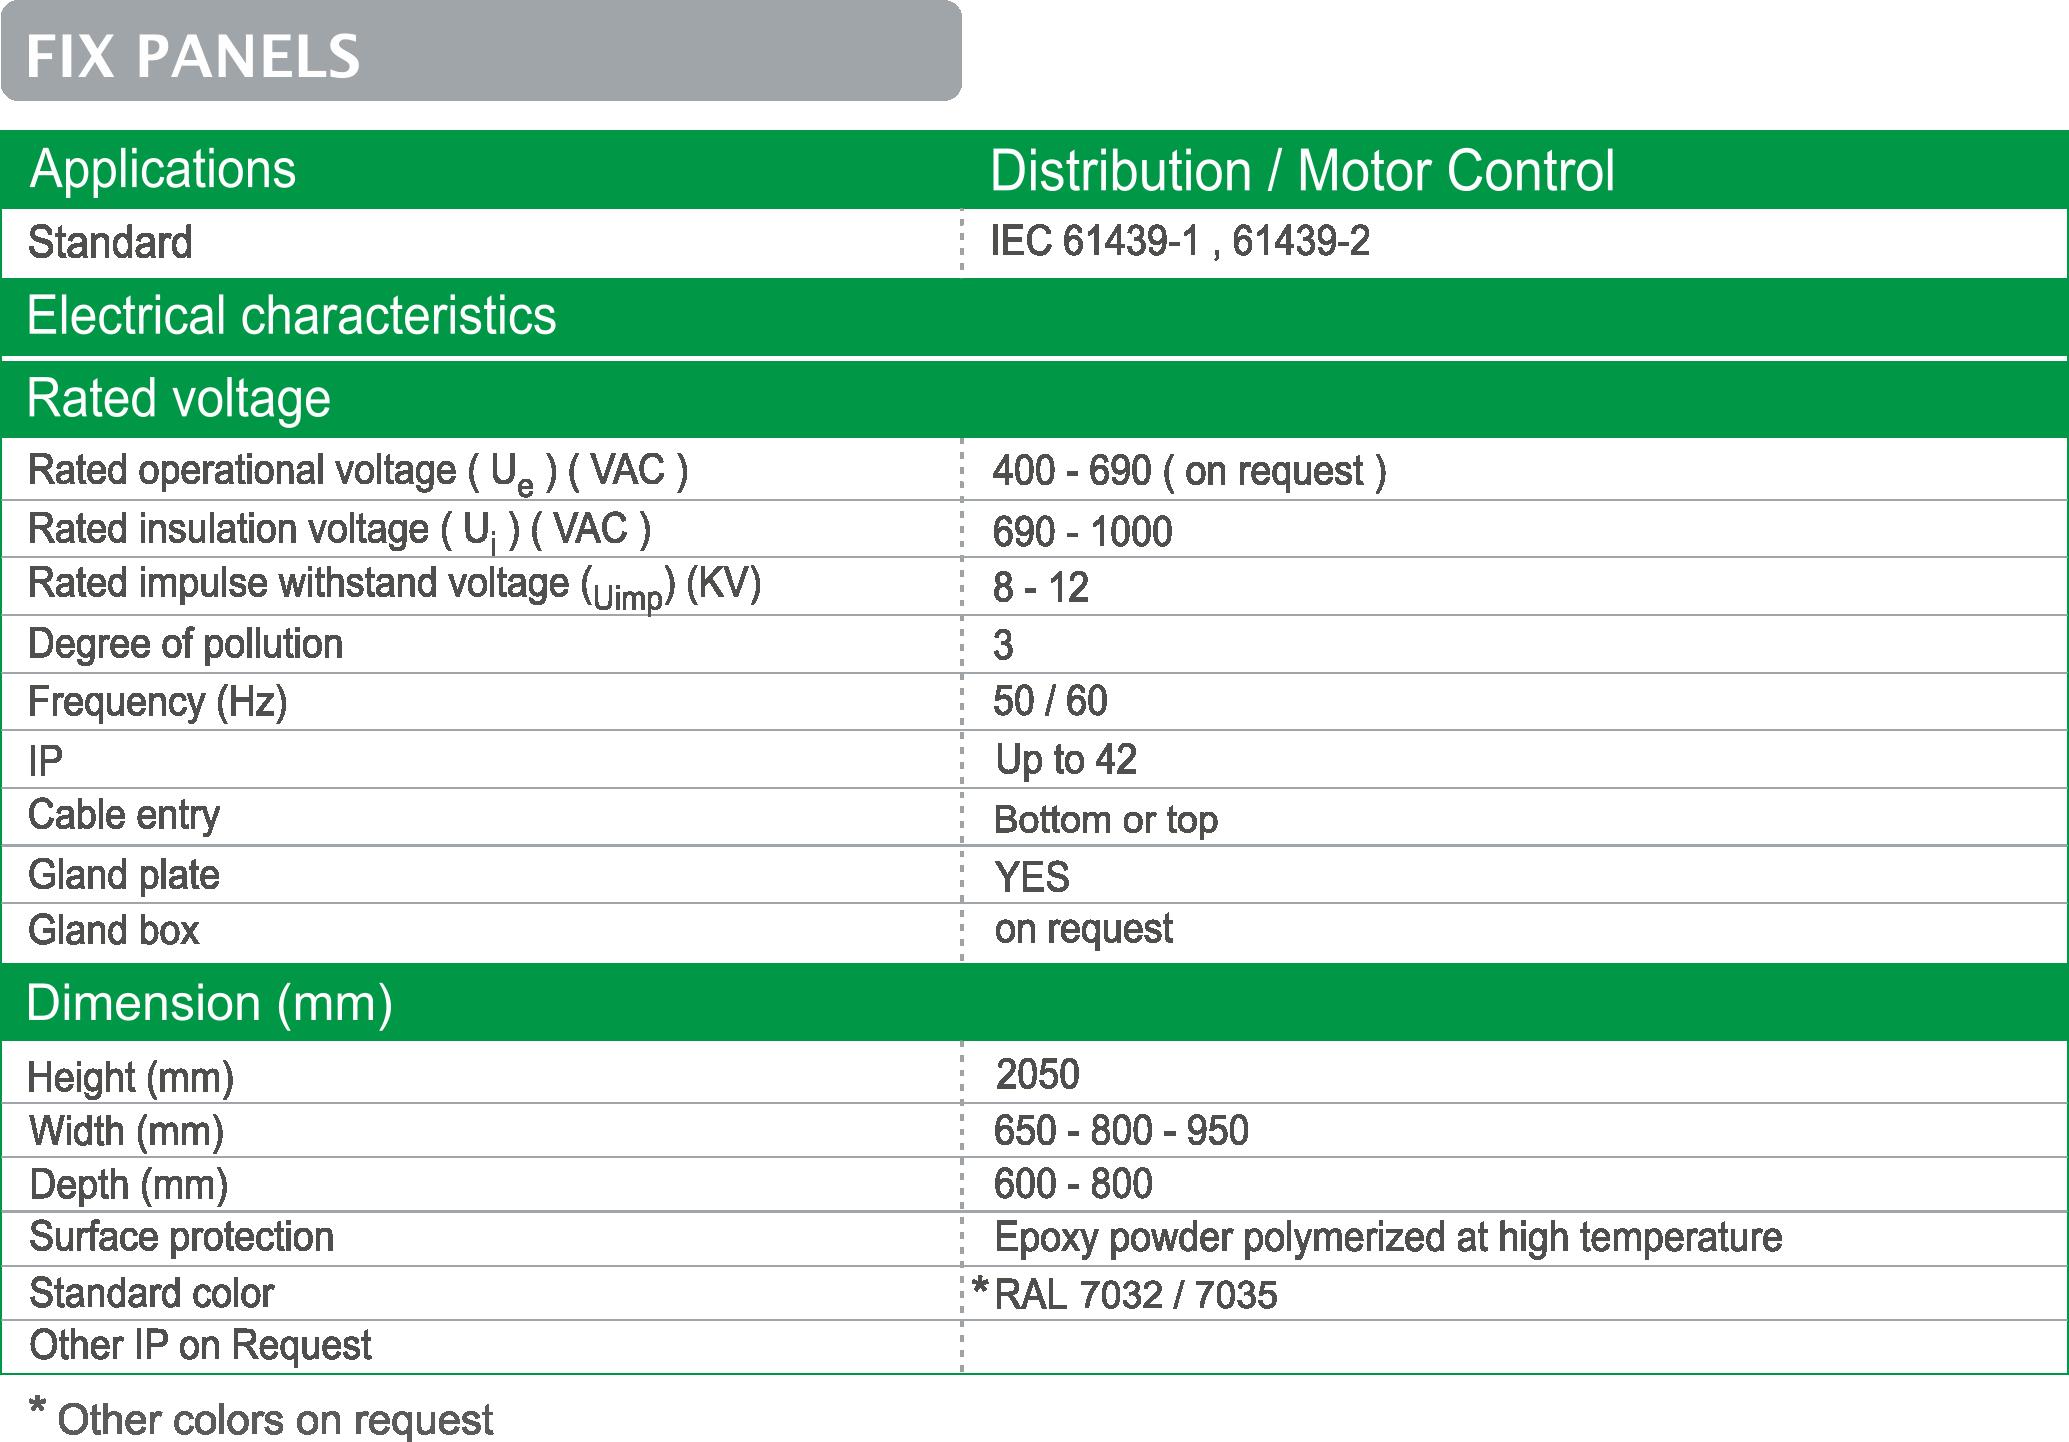 کاتالوگ تابلوهای Distribution & Motor Control فشار ضعیف ثابت